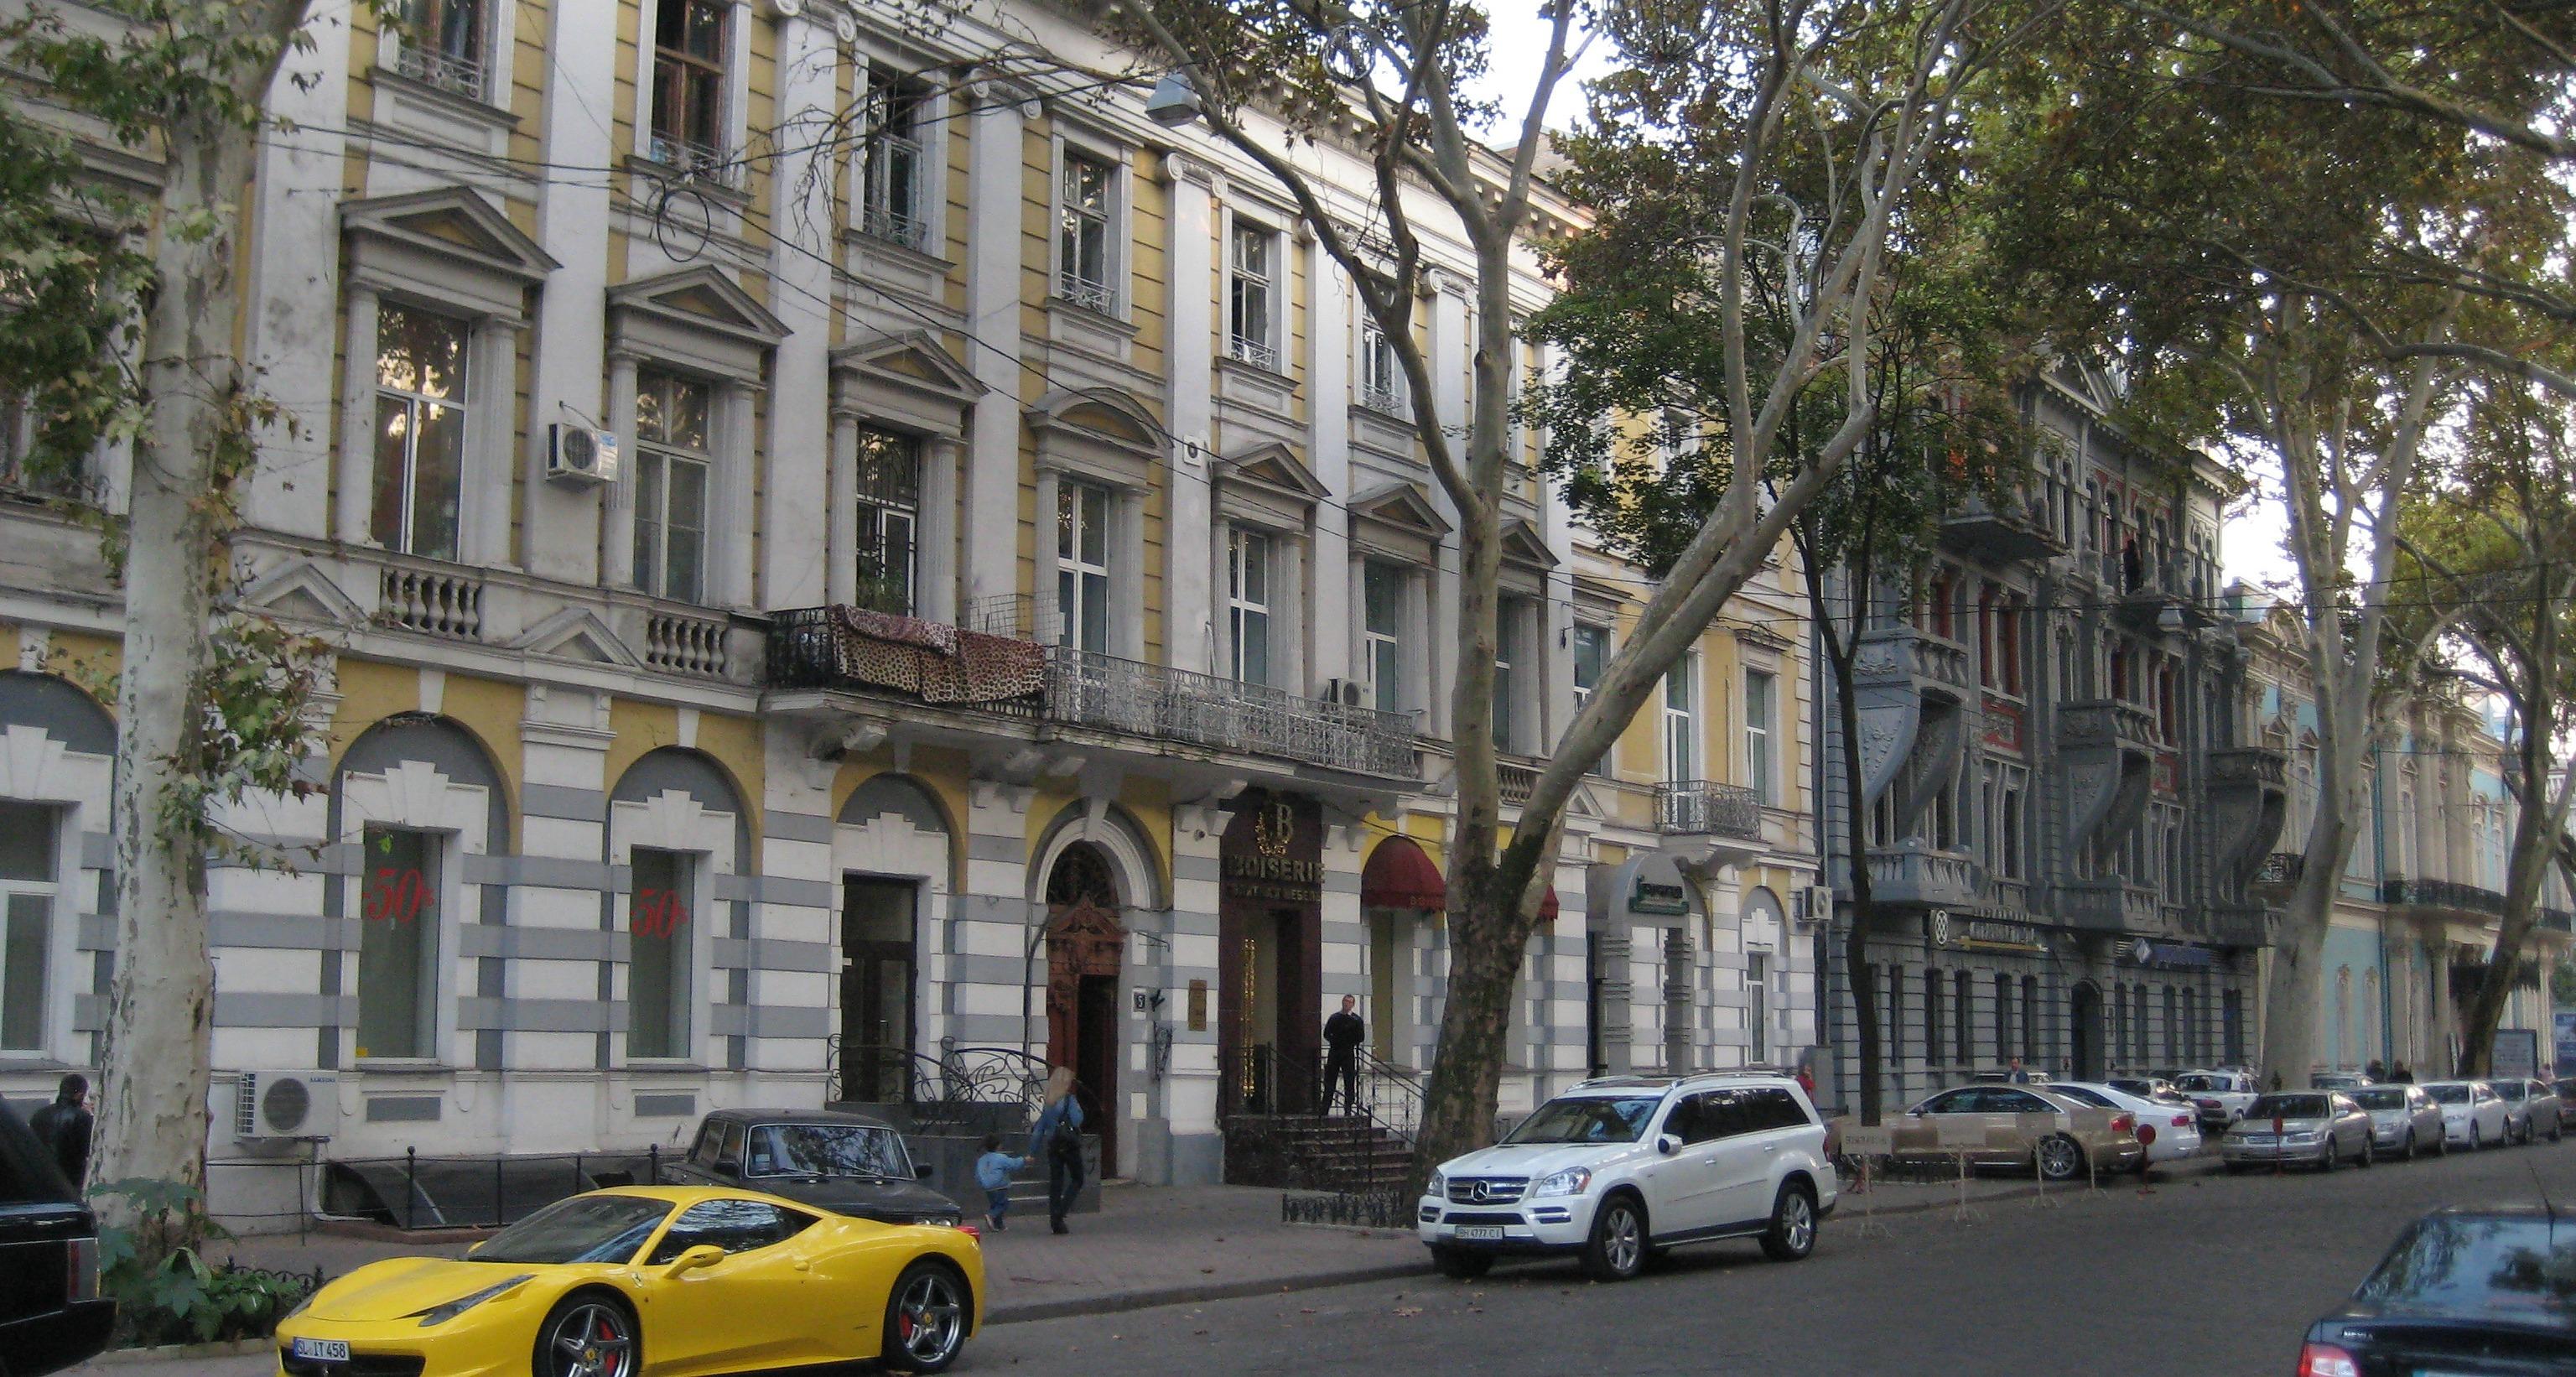 Fancy cars on a tree lined street in Odessa.